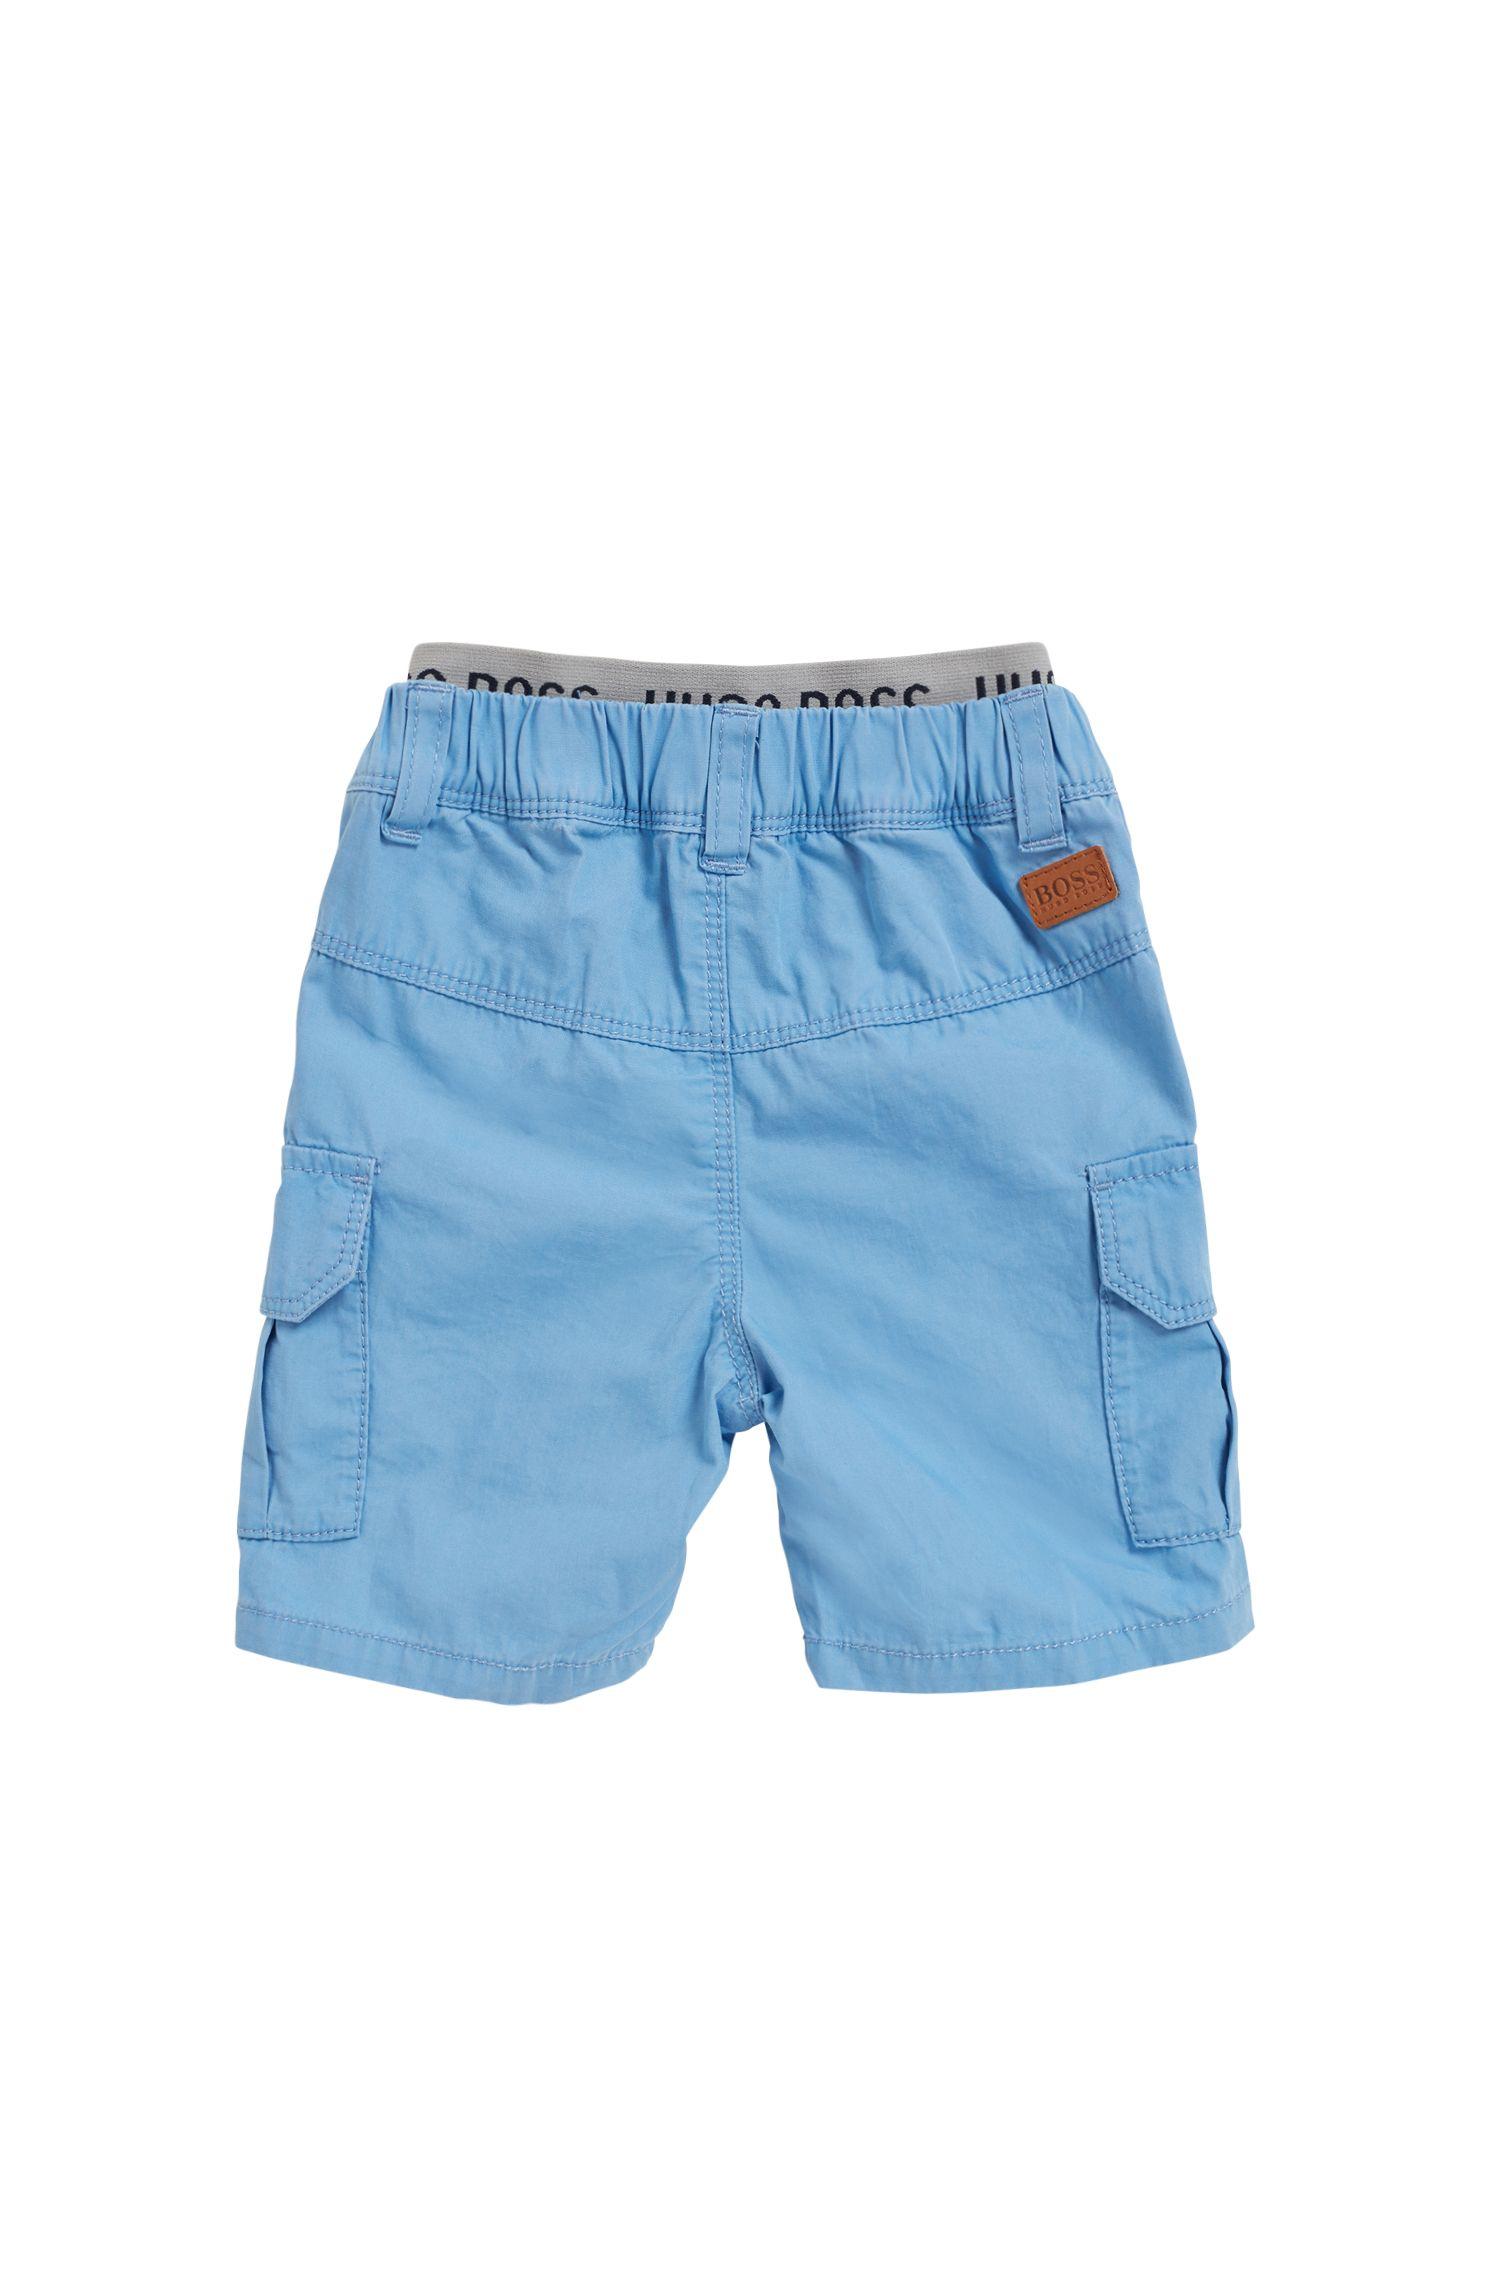 Bermuda pour enfant en coton, à taille élastique